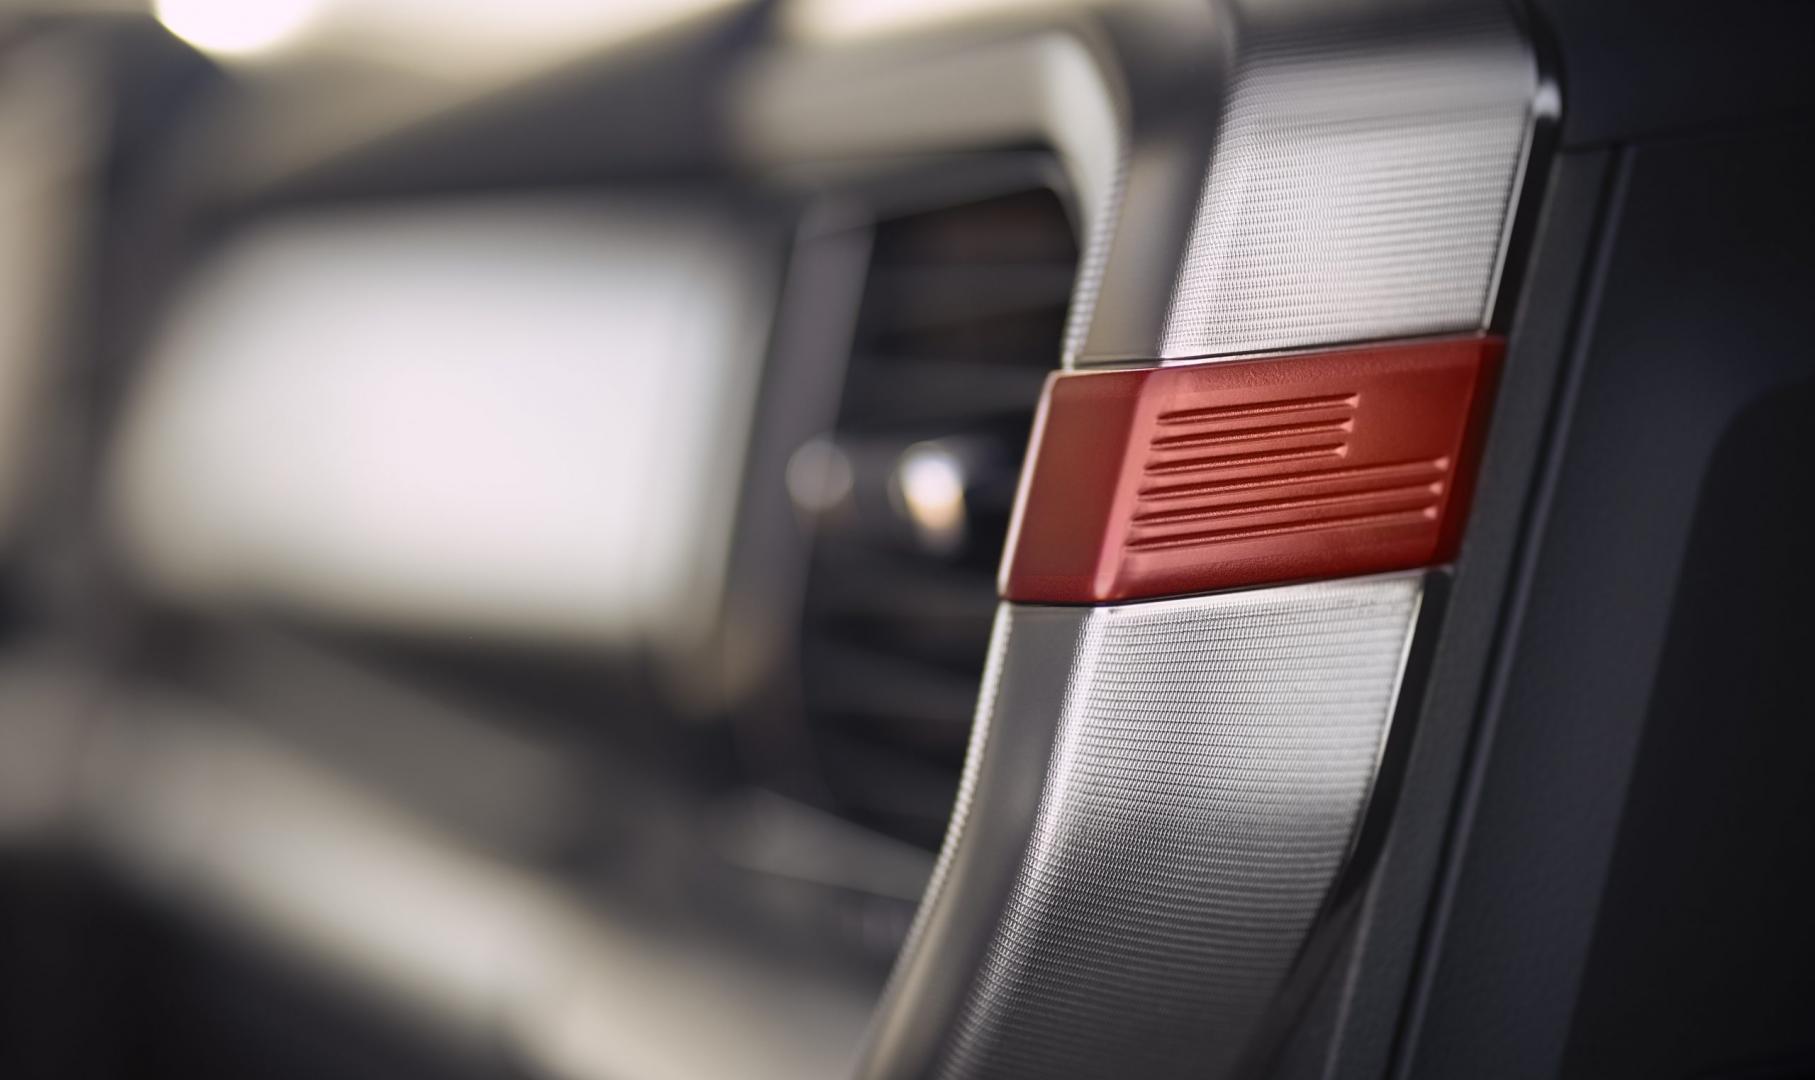 2021 Ford F-150 Raptor detail